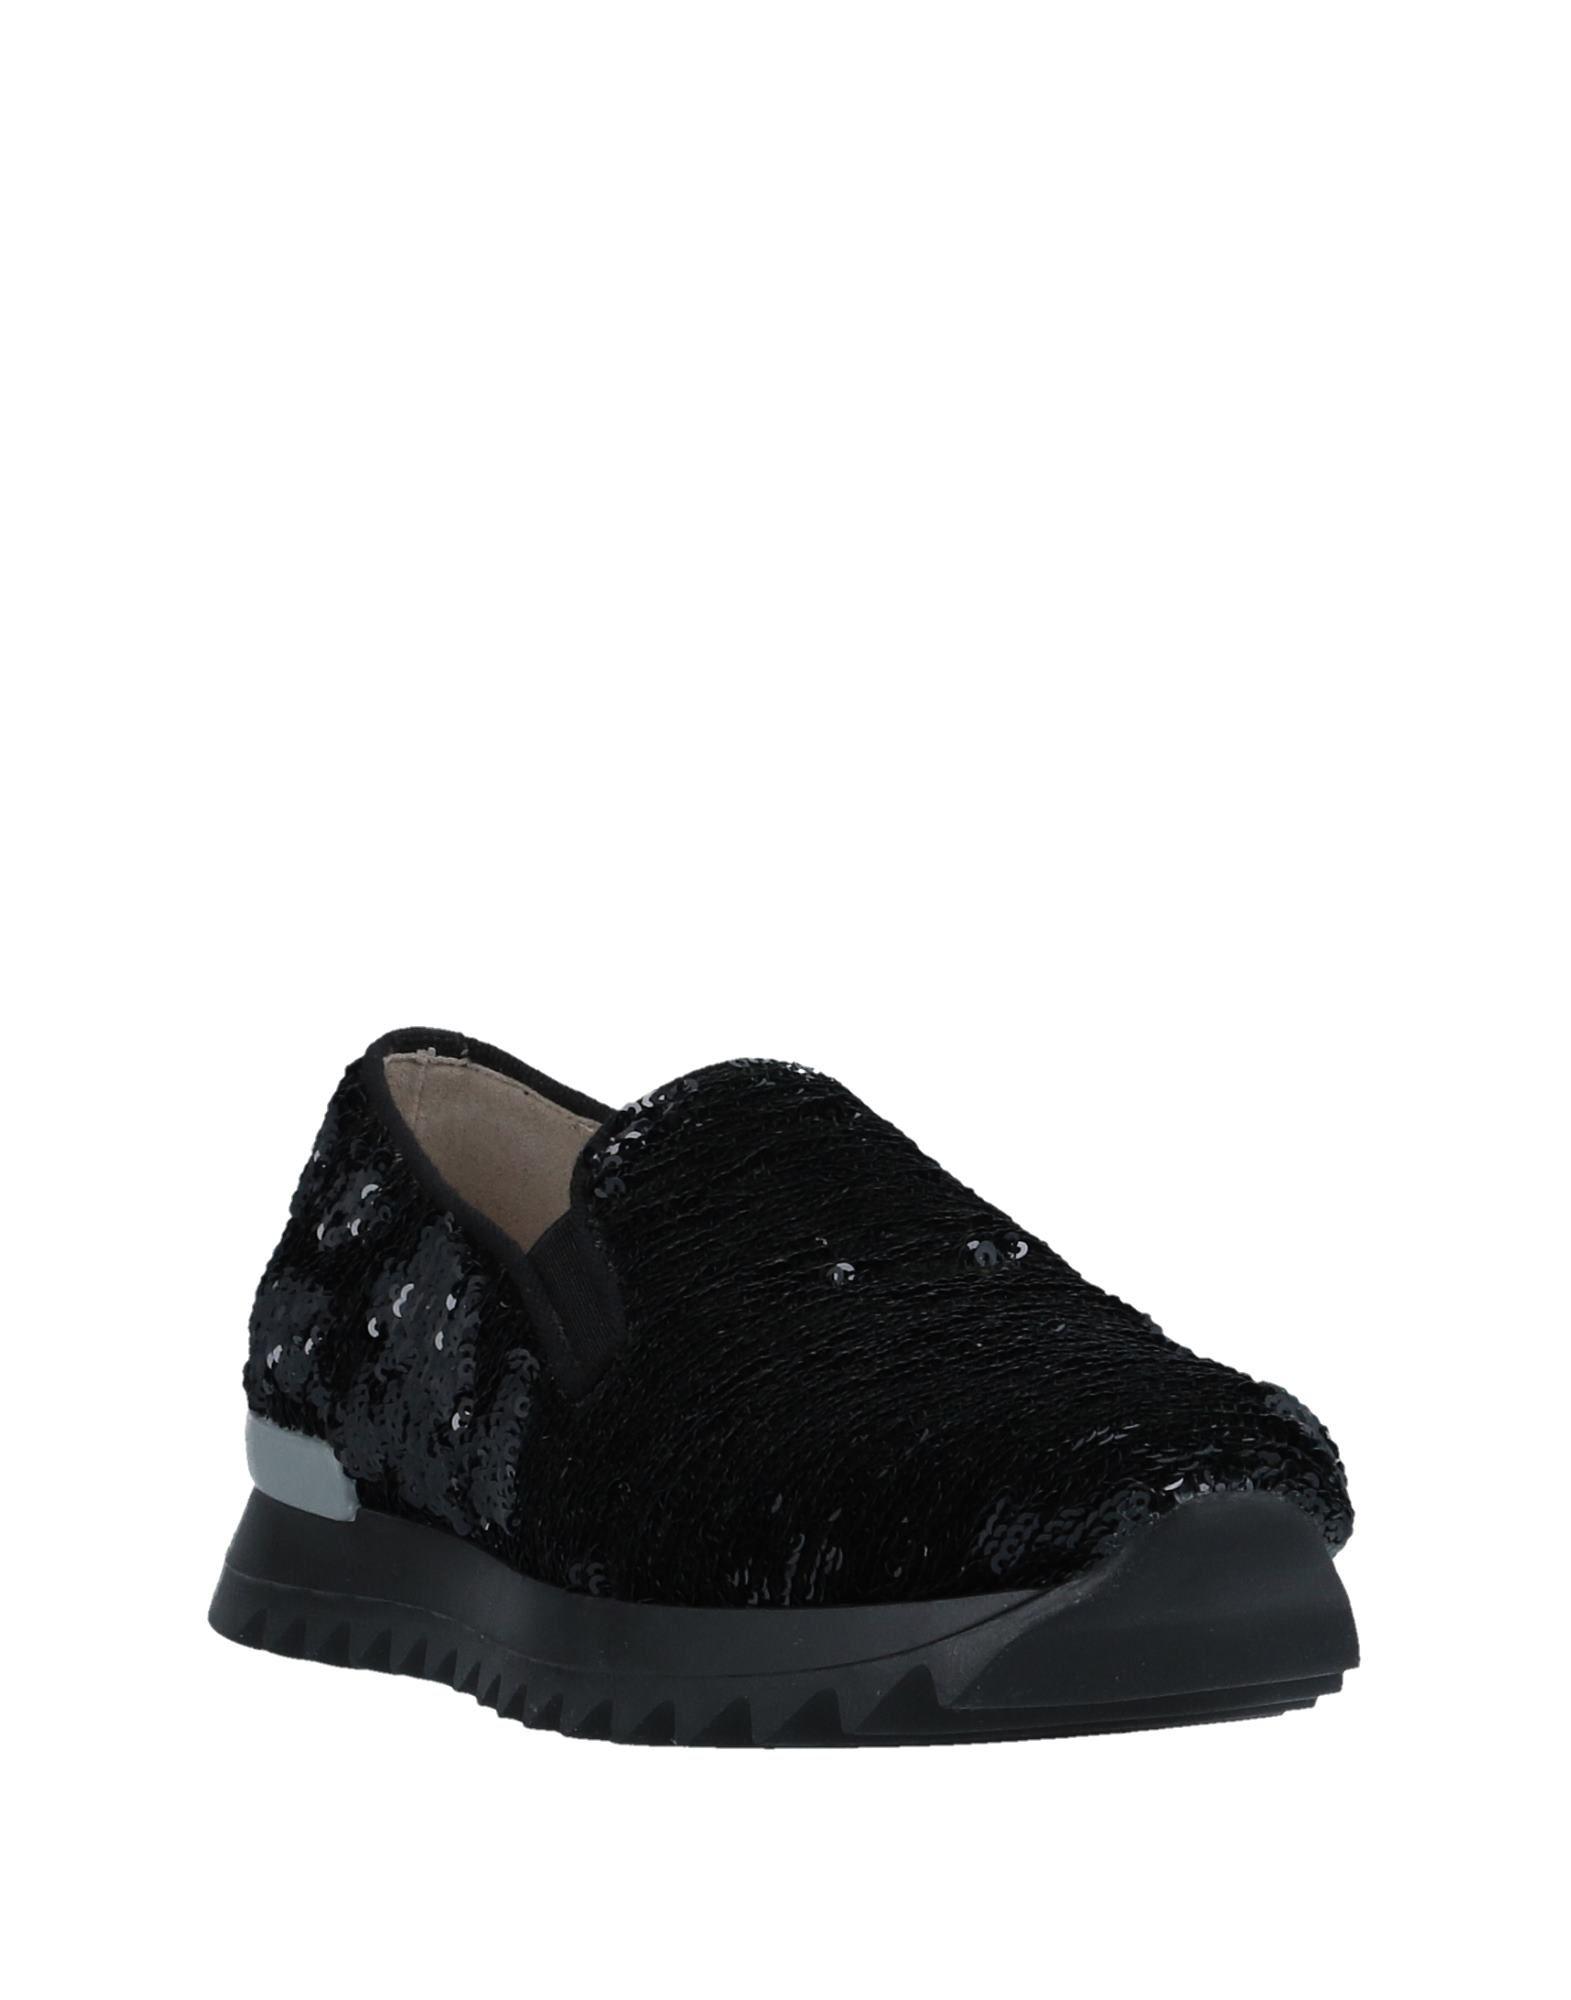 181 181 181 By Alberto Gozzi Sneakers - Women 181 By Alberto Gozzi Sneakers online on  United Kingdom - 11511743NK 8a6262